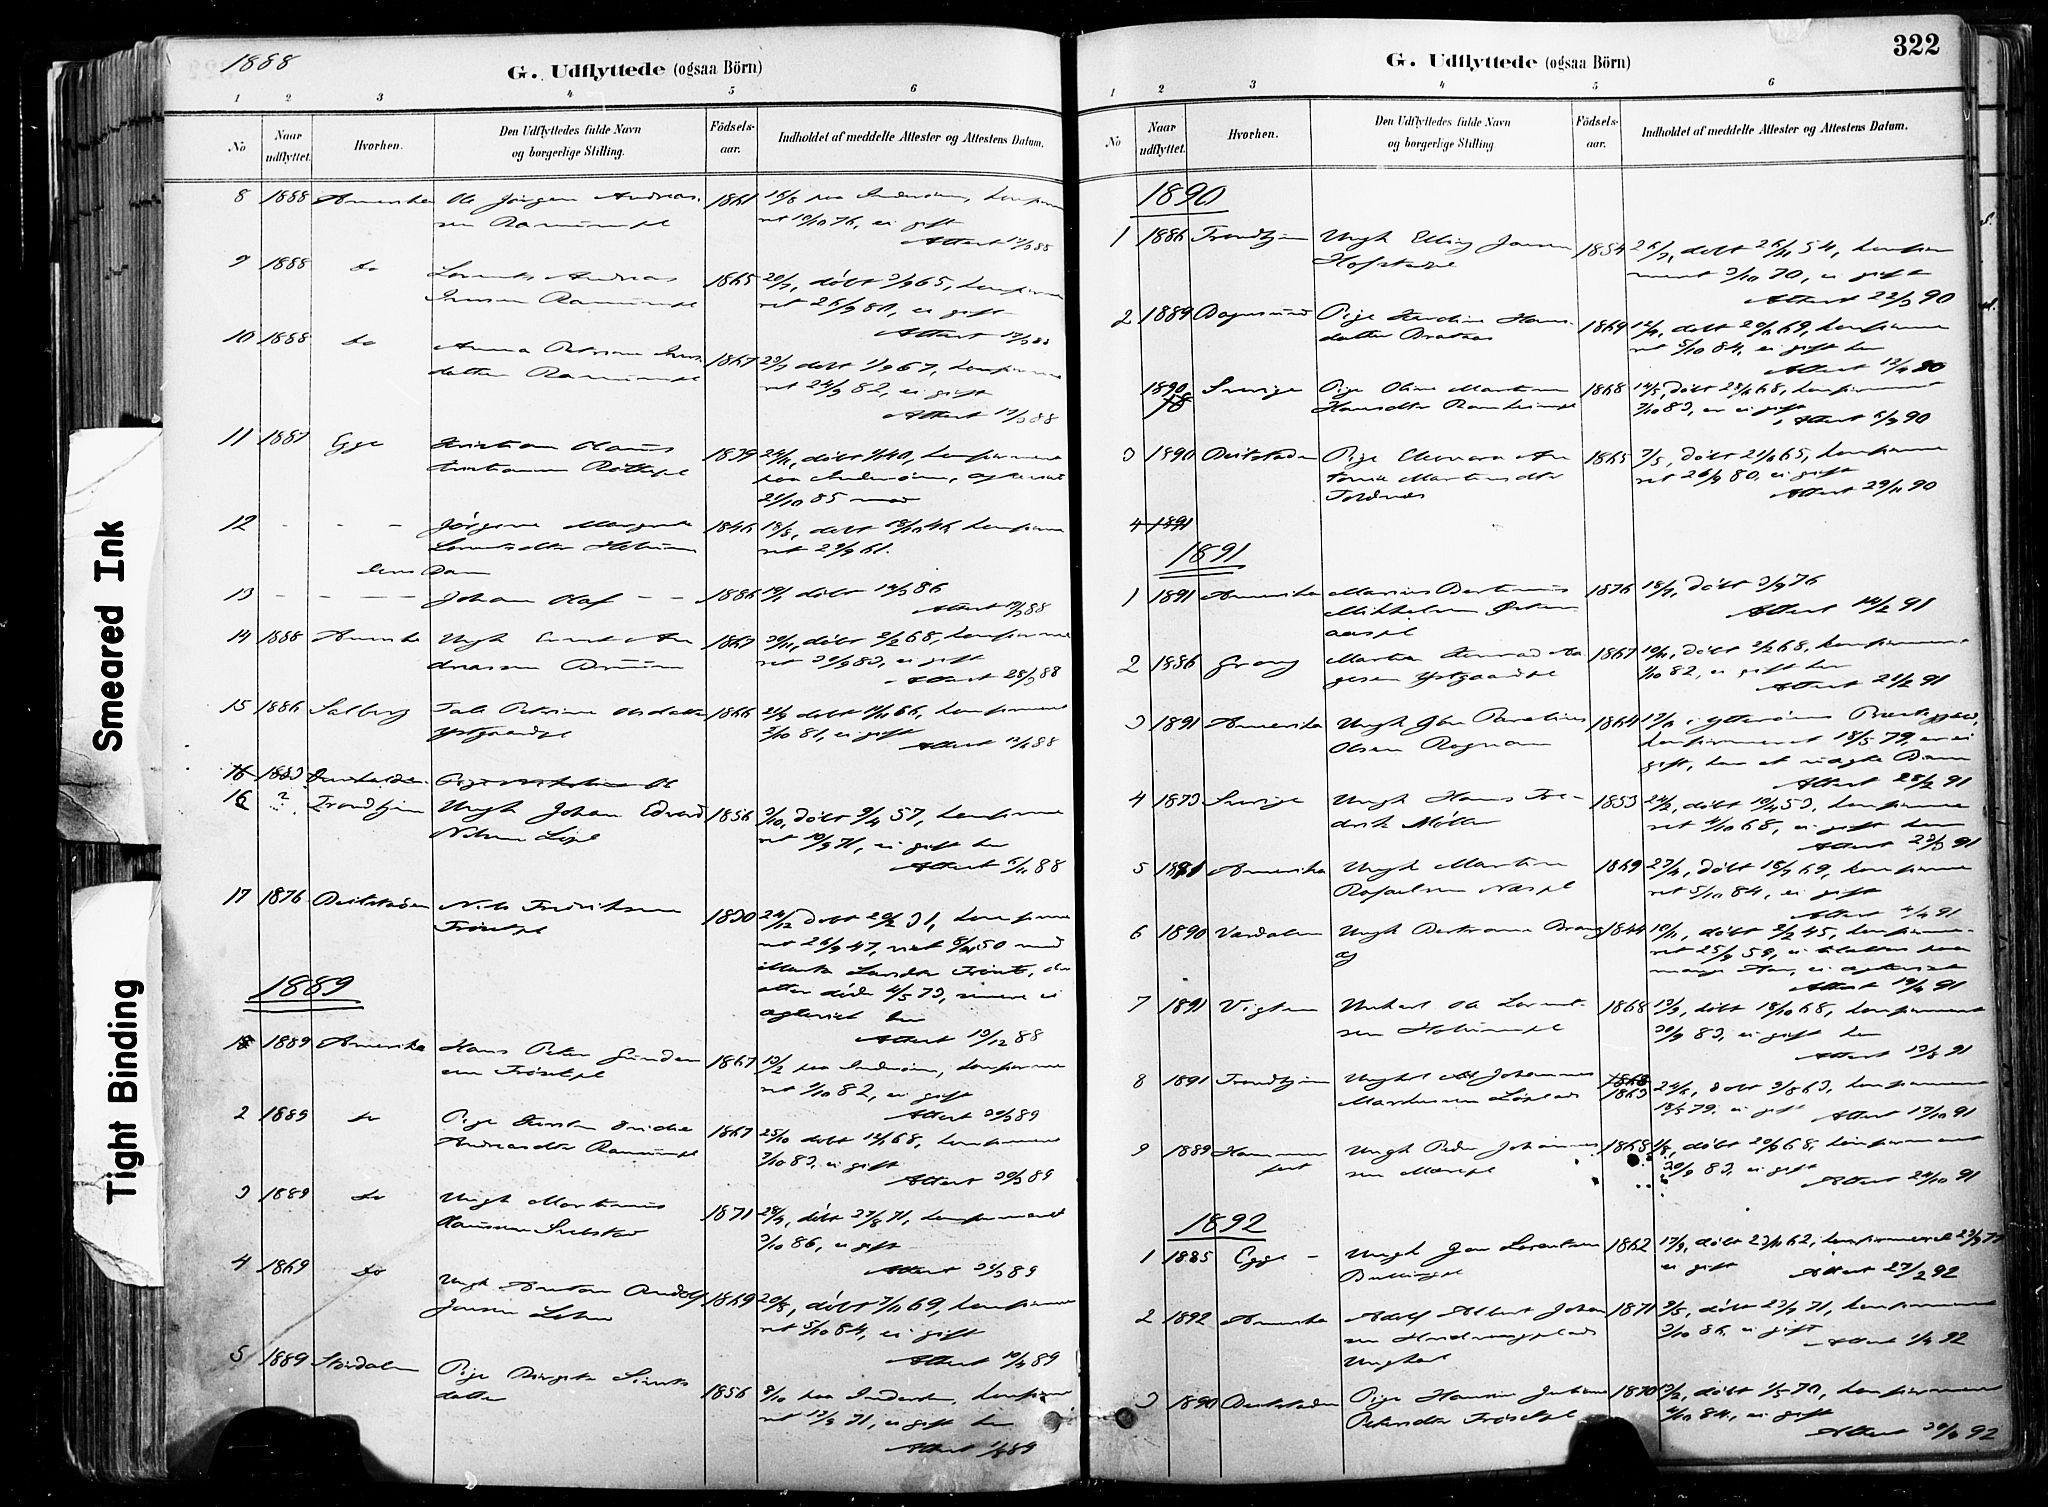 SAT, Ministerialprotokoller, klokkerbøker og fødselsregistre - Nord-Trøndelag, 735/L0351: Ministerialbok nr. 735A10, 1884-1908, s. 322